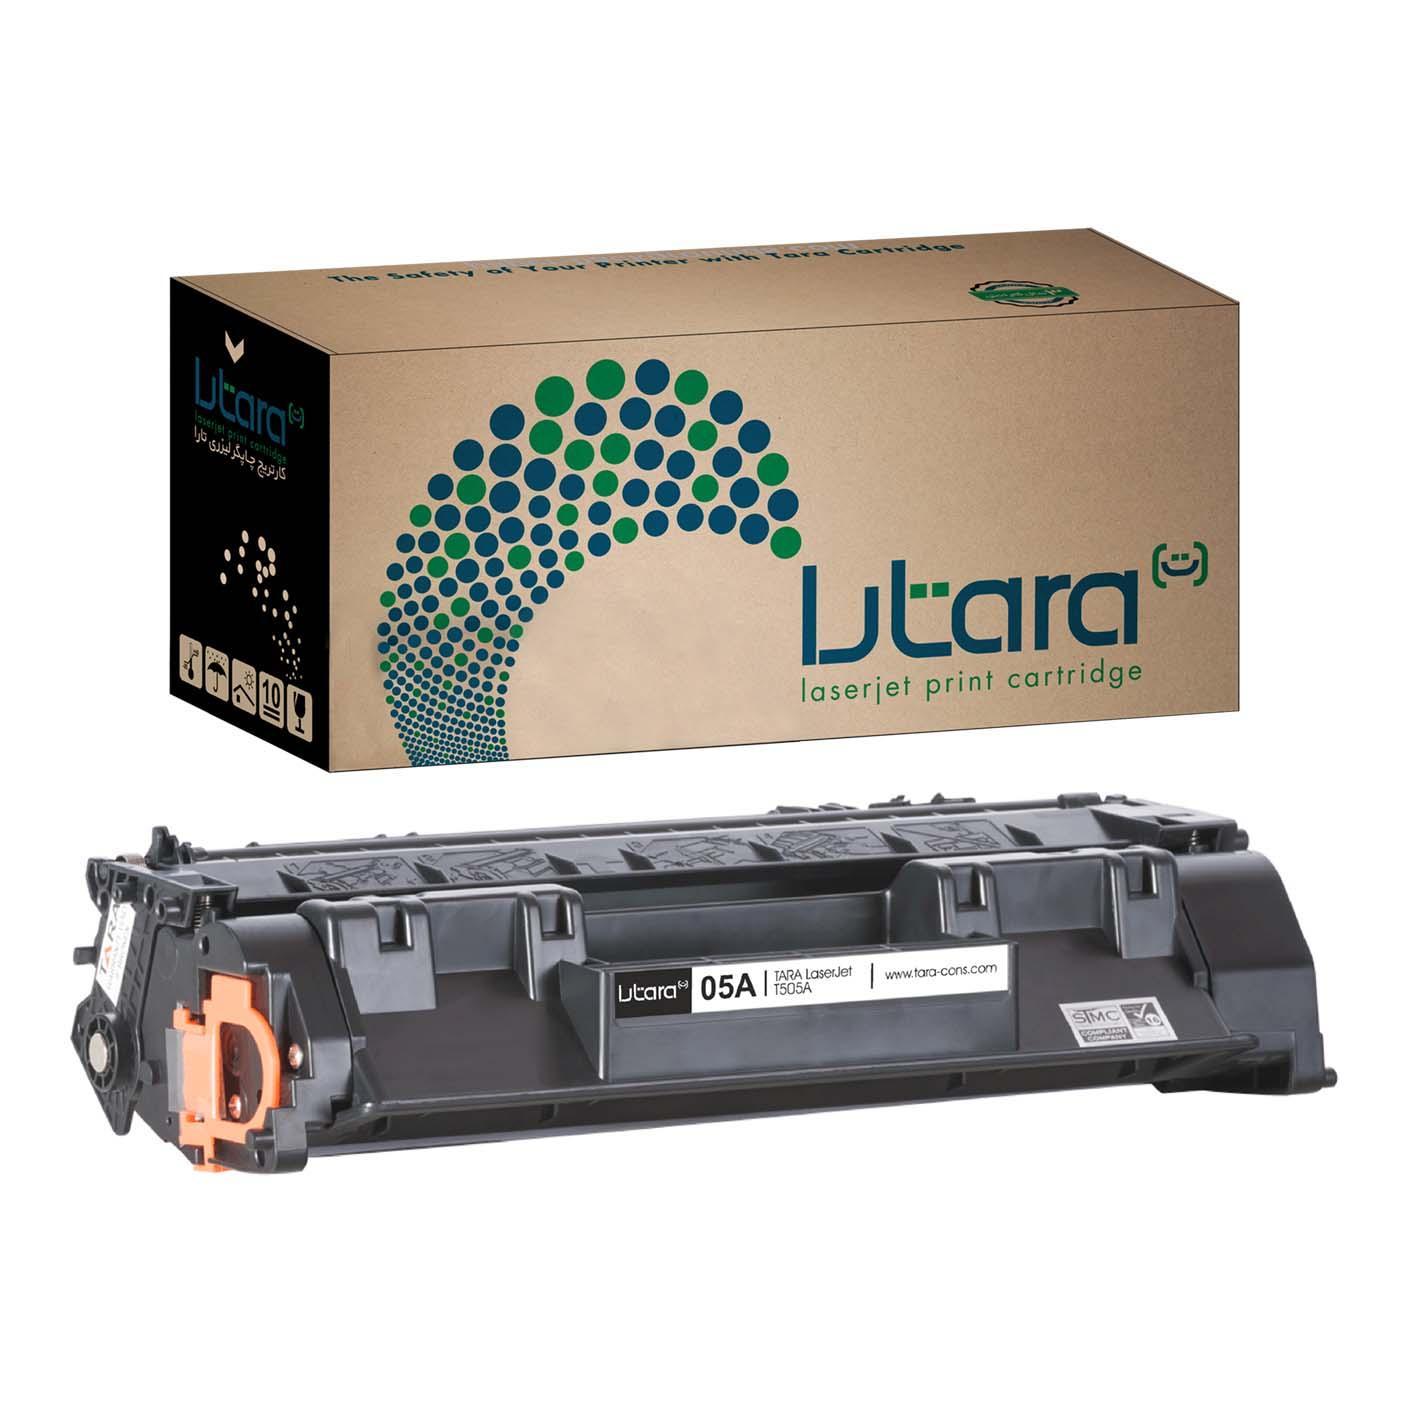 قیمت                      تونر مشکی کارتریج چاپگر لیزری تارا مدل 05A